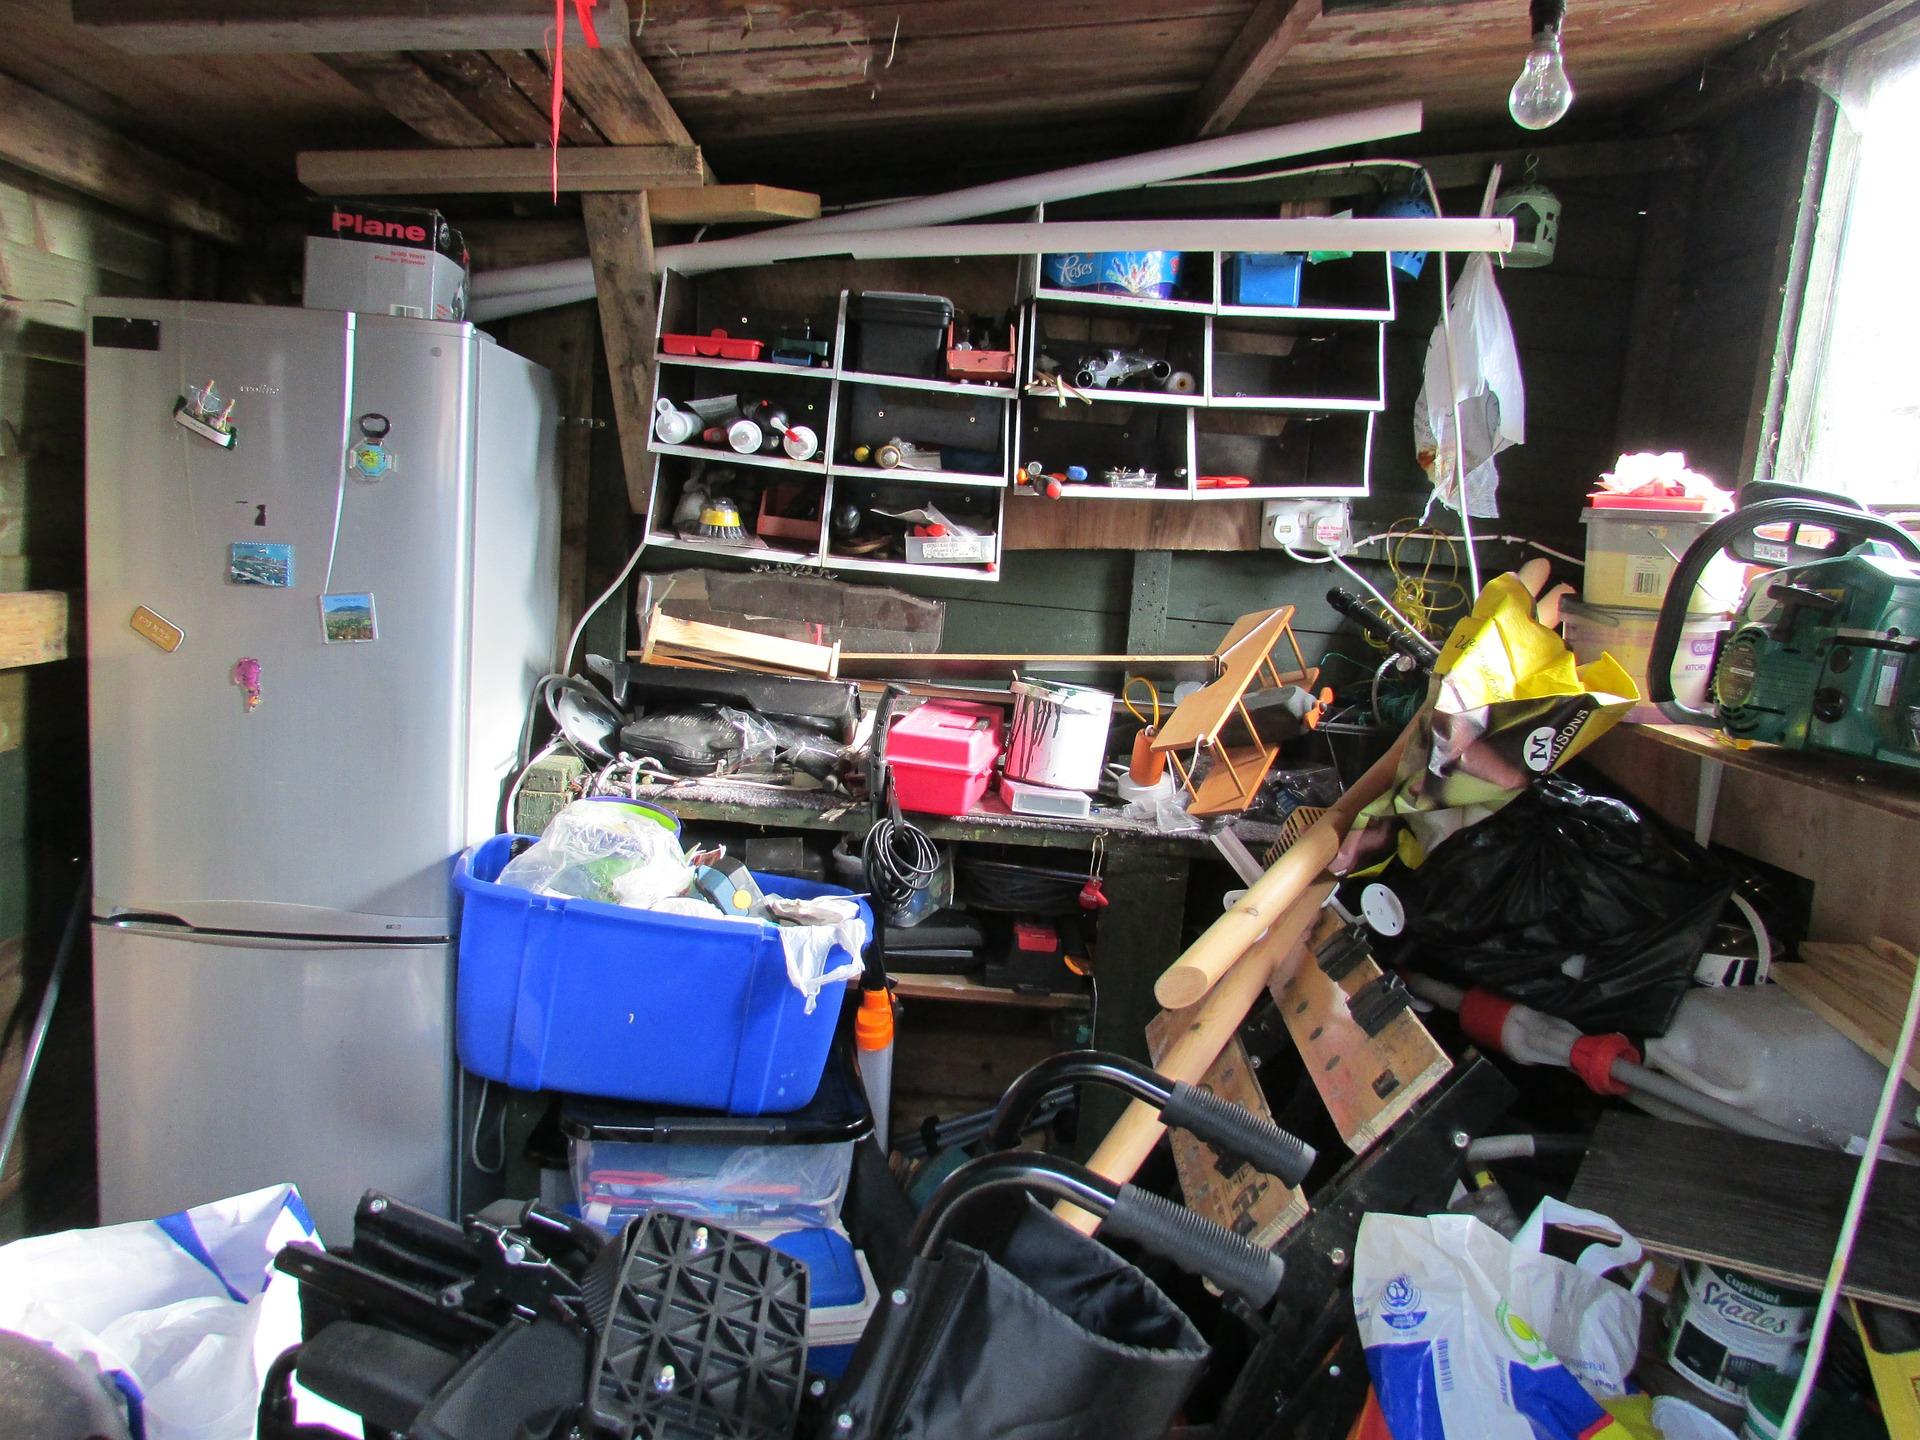 汚 部屋 脱出 汚部屋脱出方法まとめ。二度と散らかさない部屋づくりが重要